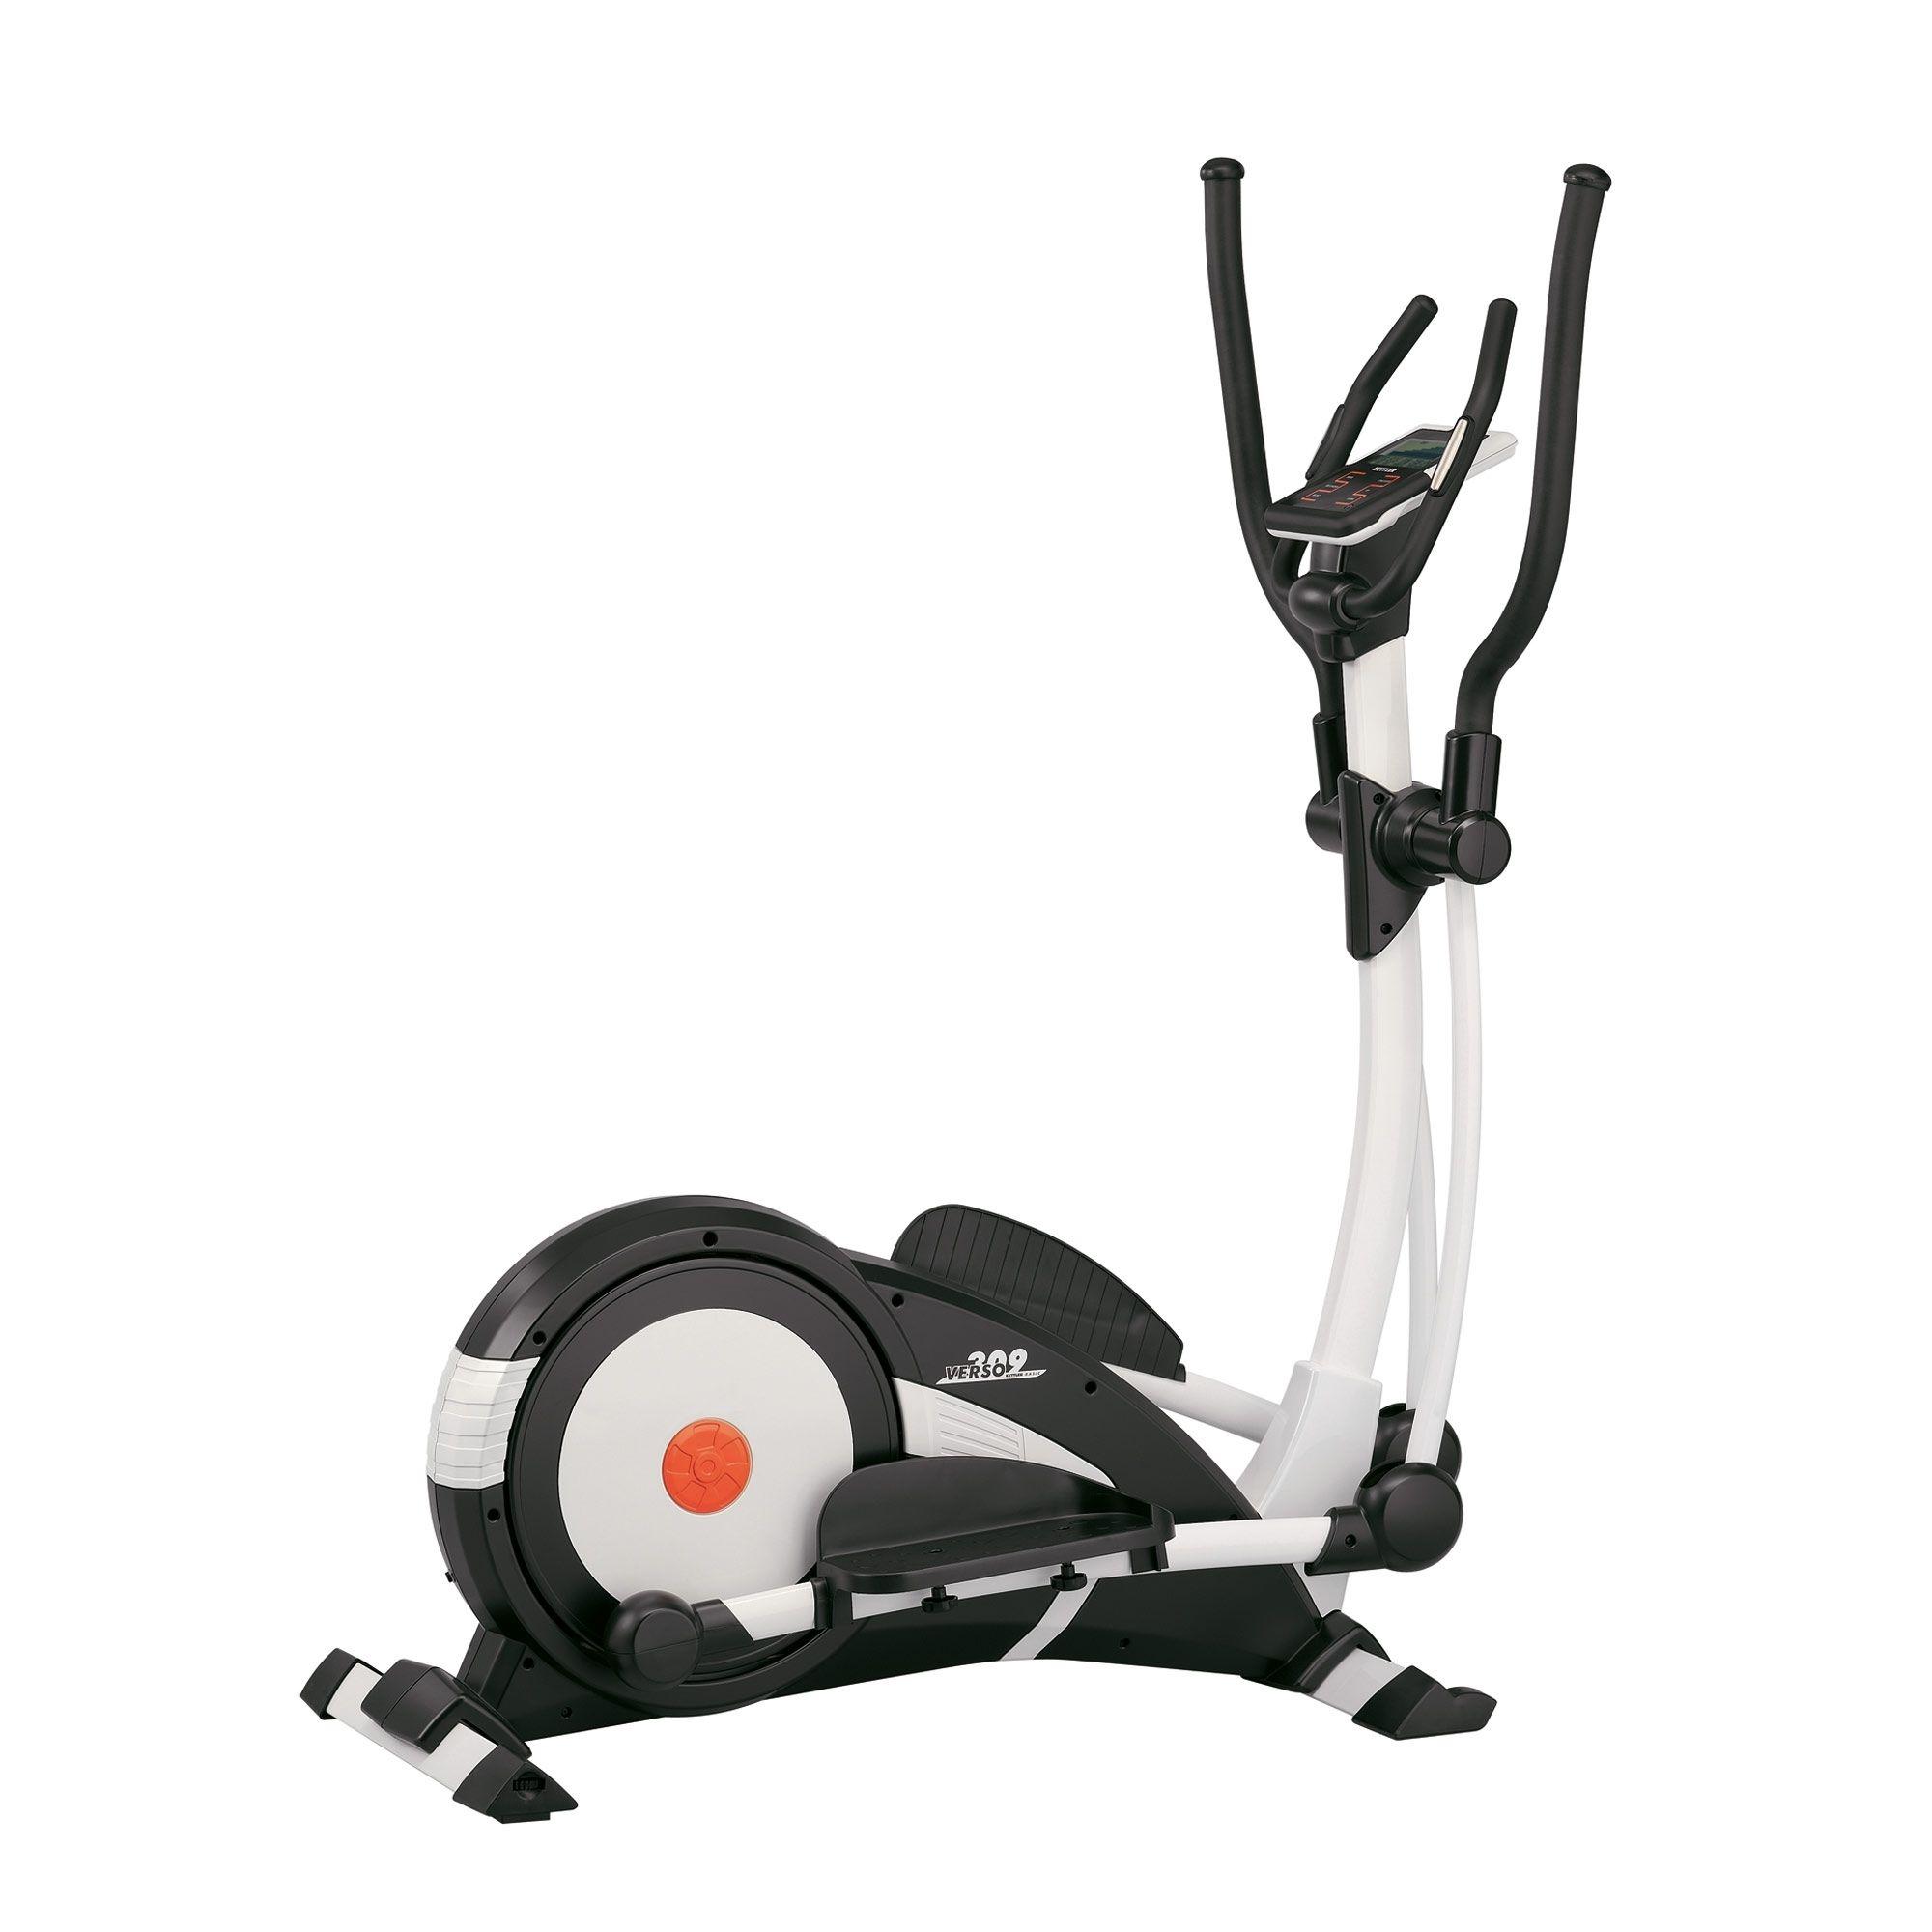 kettler verso 309 elliptical cross trainer. Black Bedroom Furniture Sets. Home Design Ideas